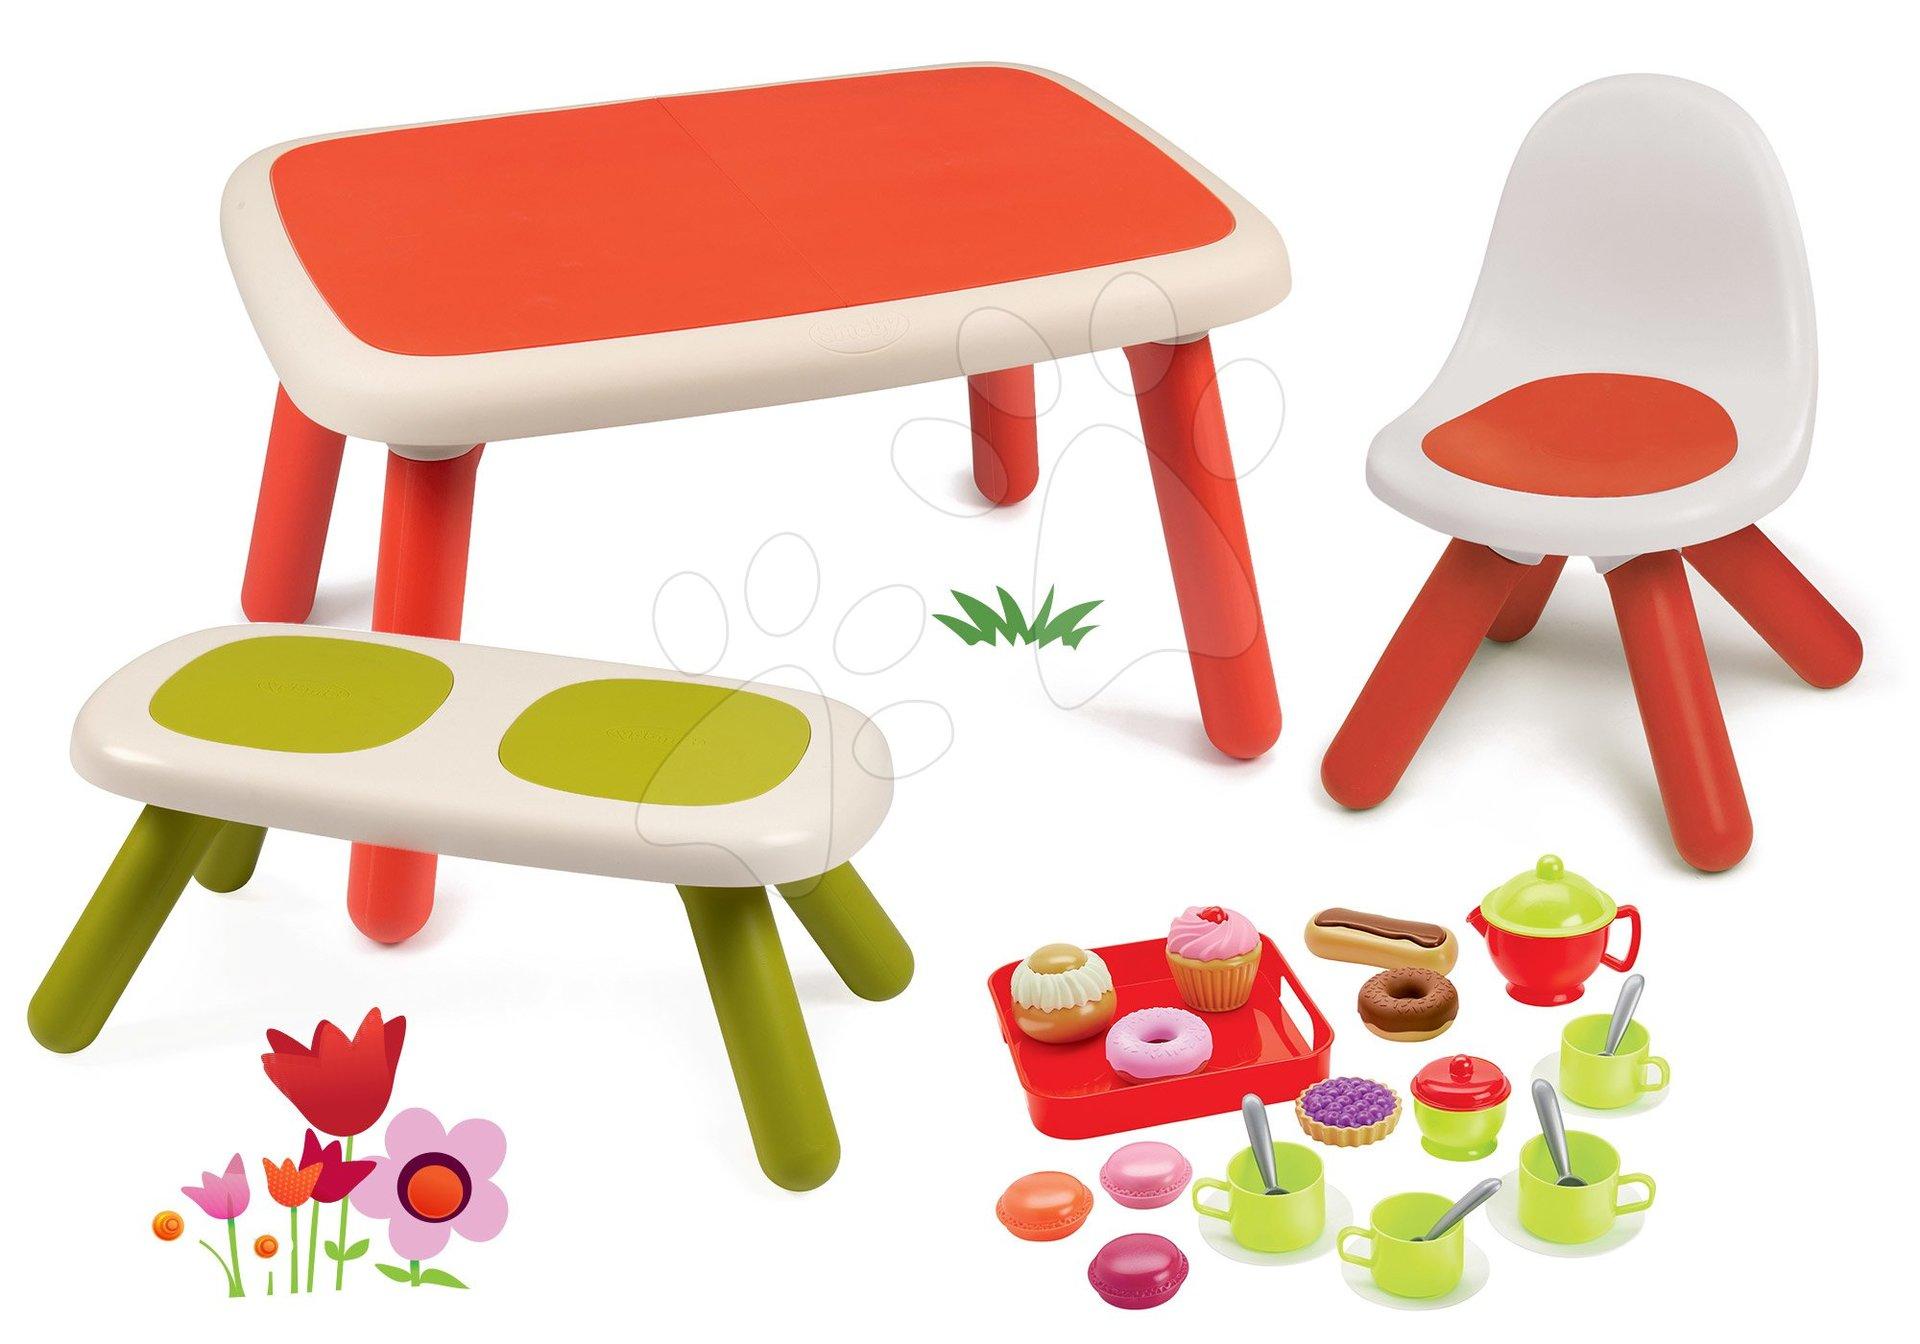 Set stôl pre deti KidTable červený Smoby s lavicou, stoličkou s UV filtrom a čajovou súpravou s koláčmi